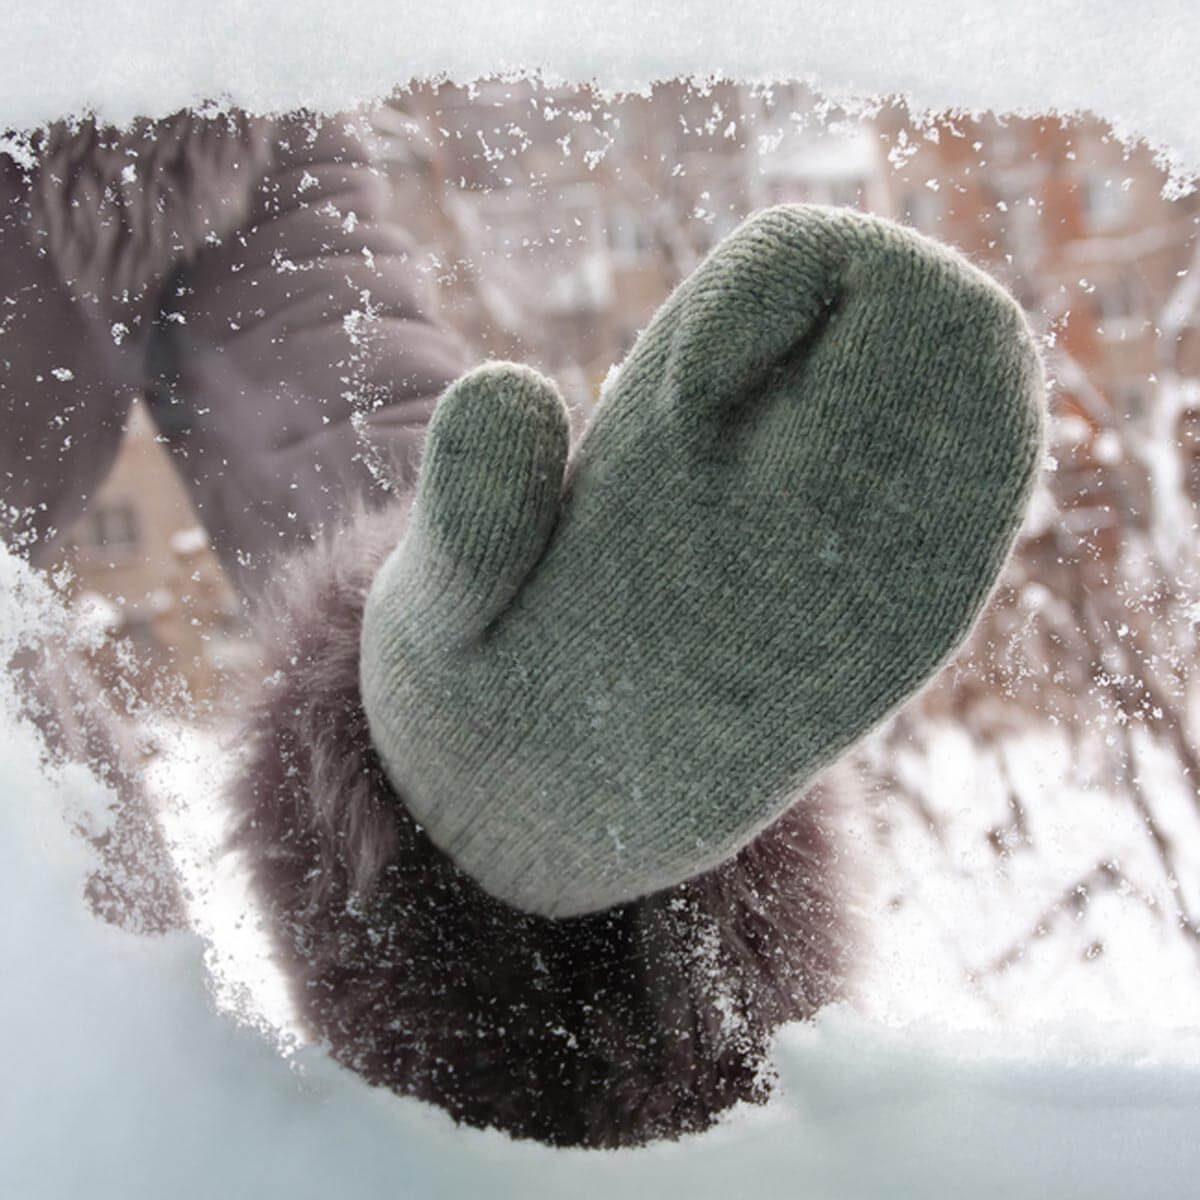 shutterstock_351393956 mittens wipe away snow on car window